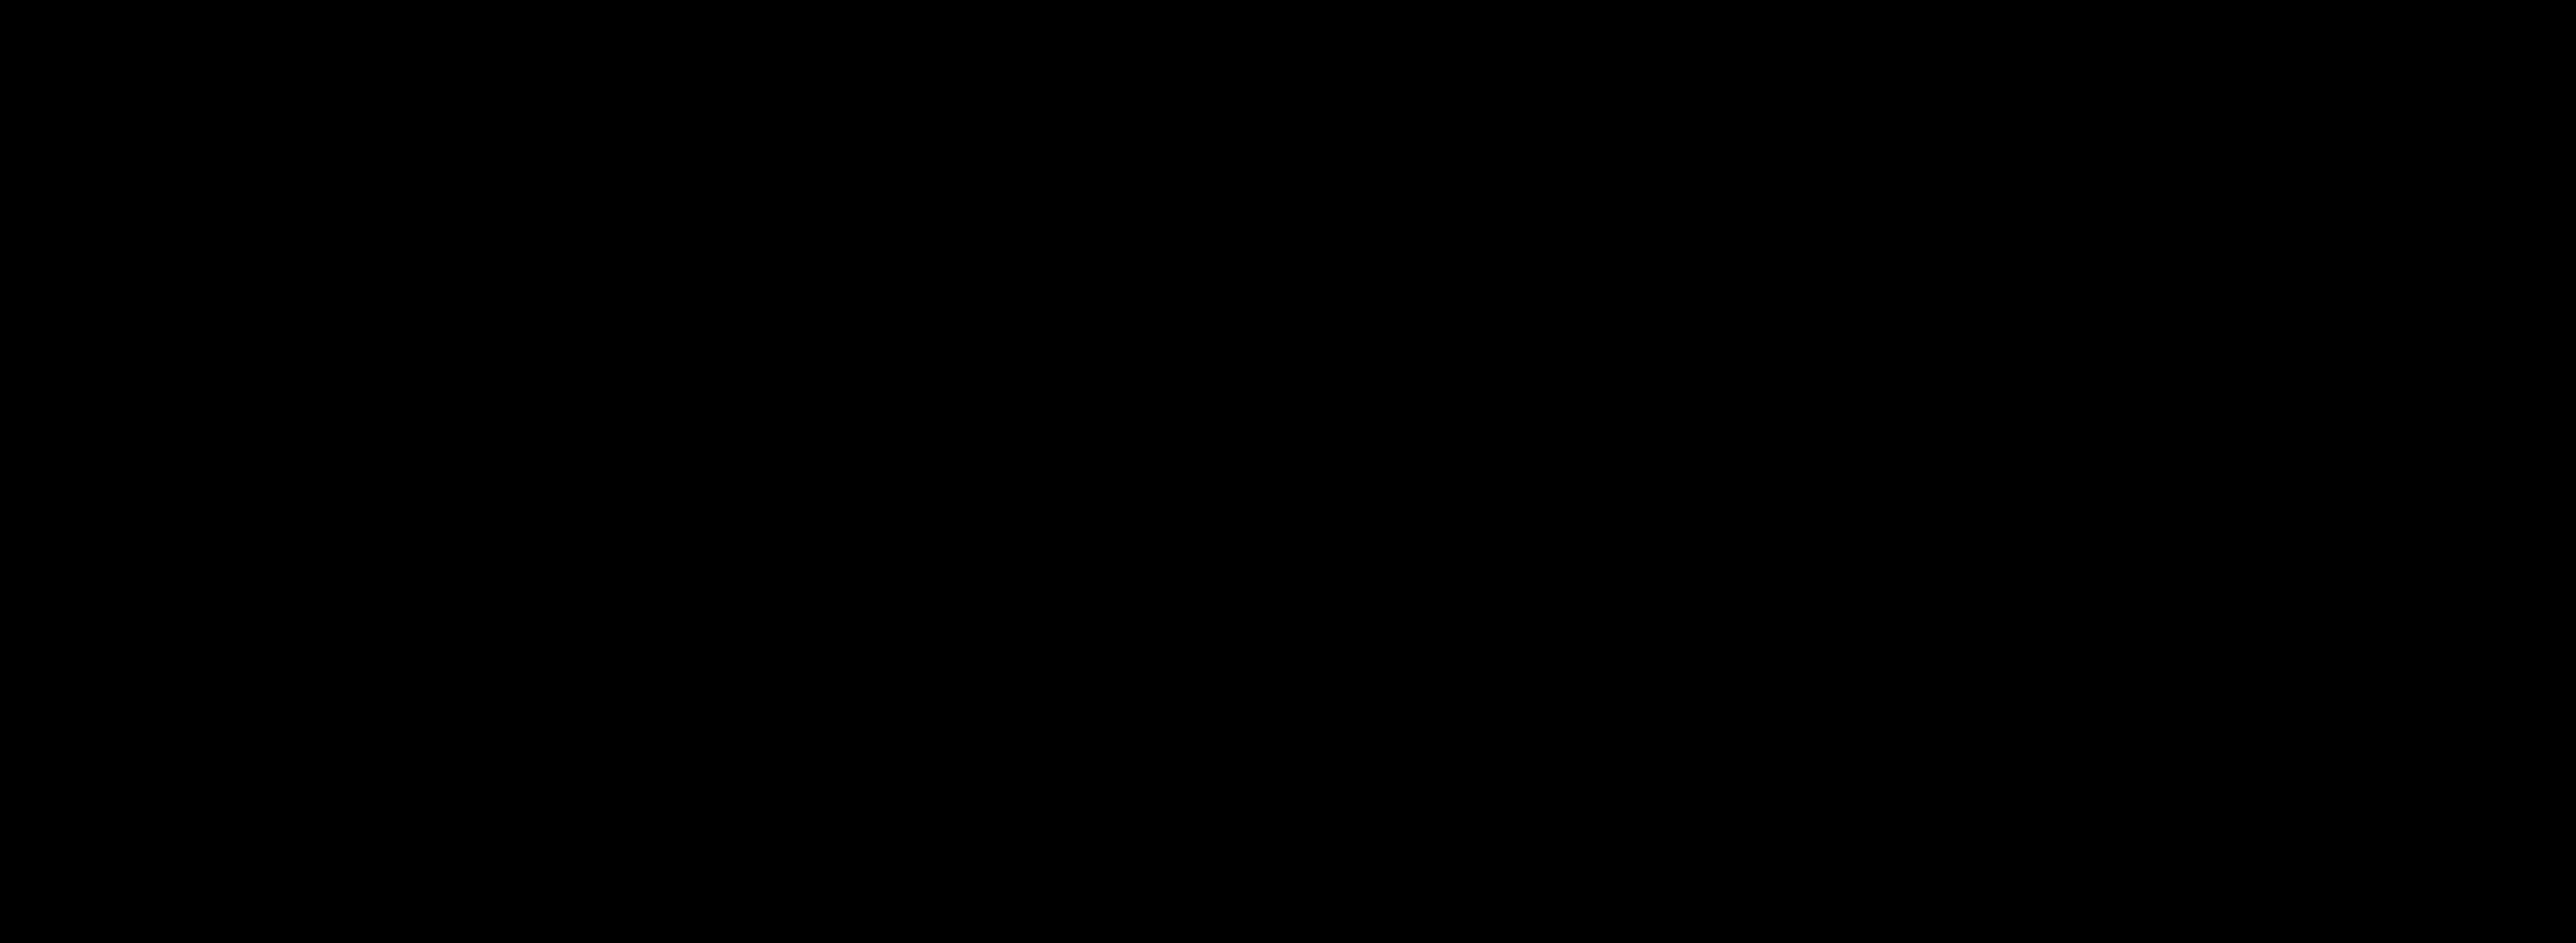 vespa logos download rh logos download com logo vespa vectoriel vespa logo vector png